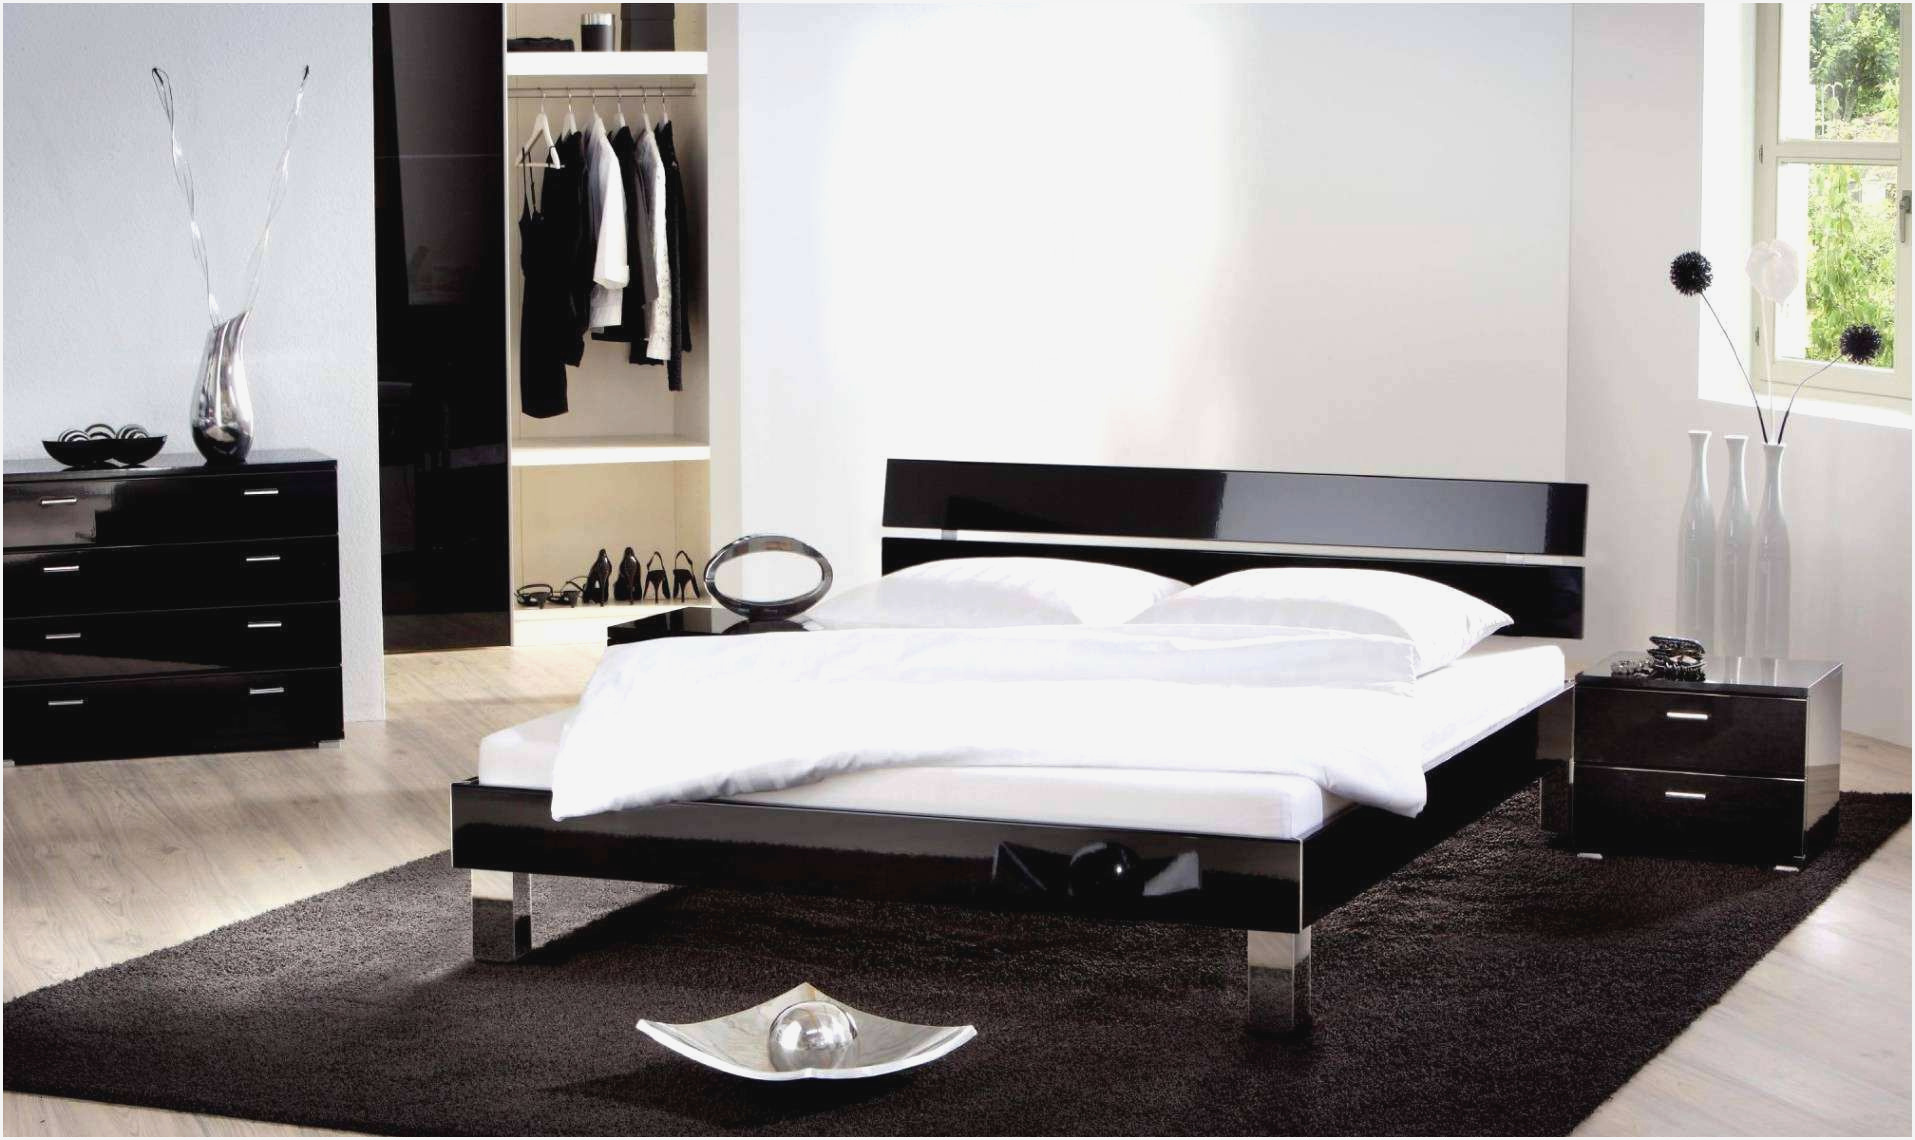 schlafzimmer deko mit holzschale of schlafzimmer deko mit holzschale